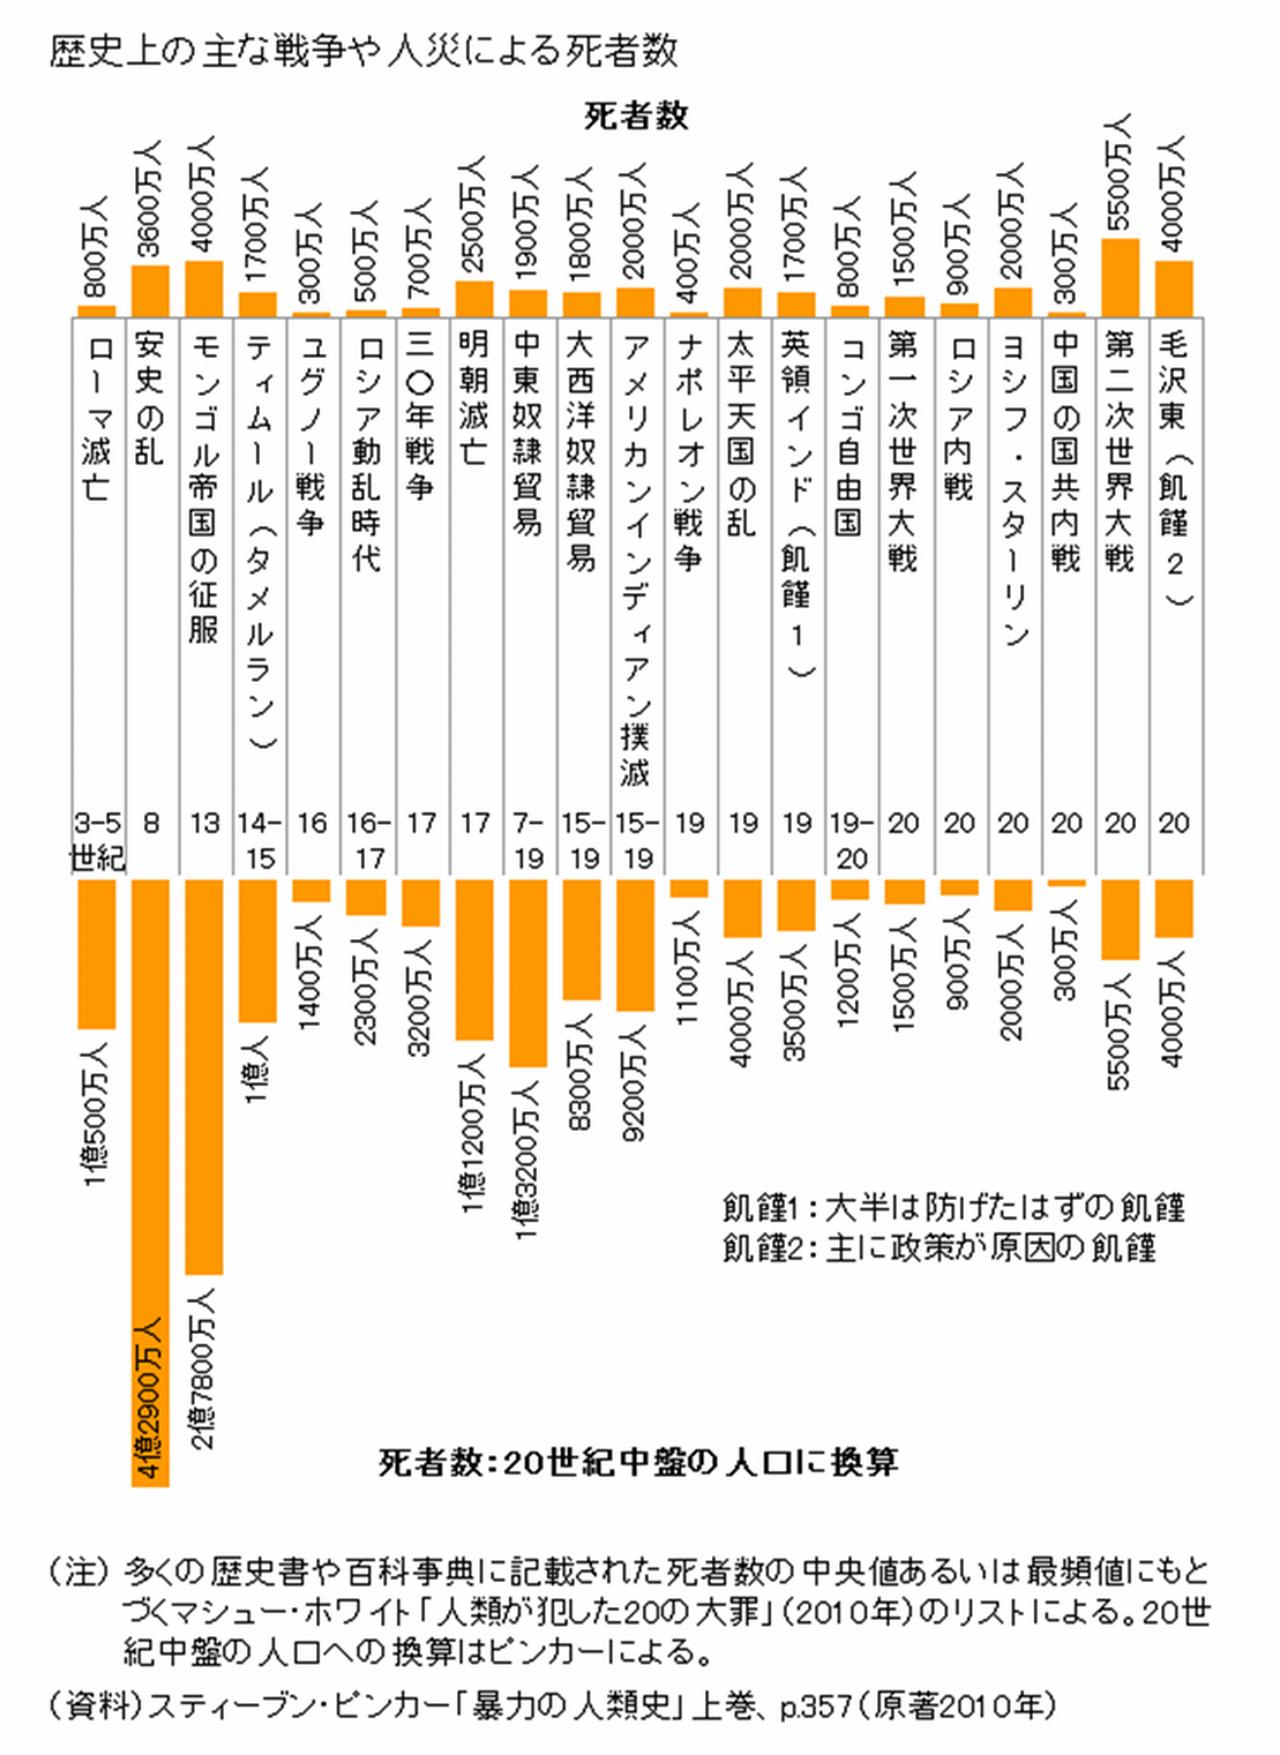 歴史上の戦争による死者数